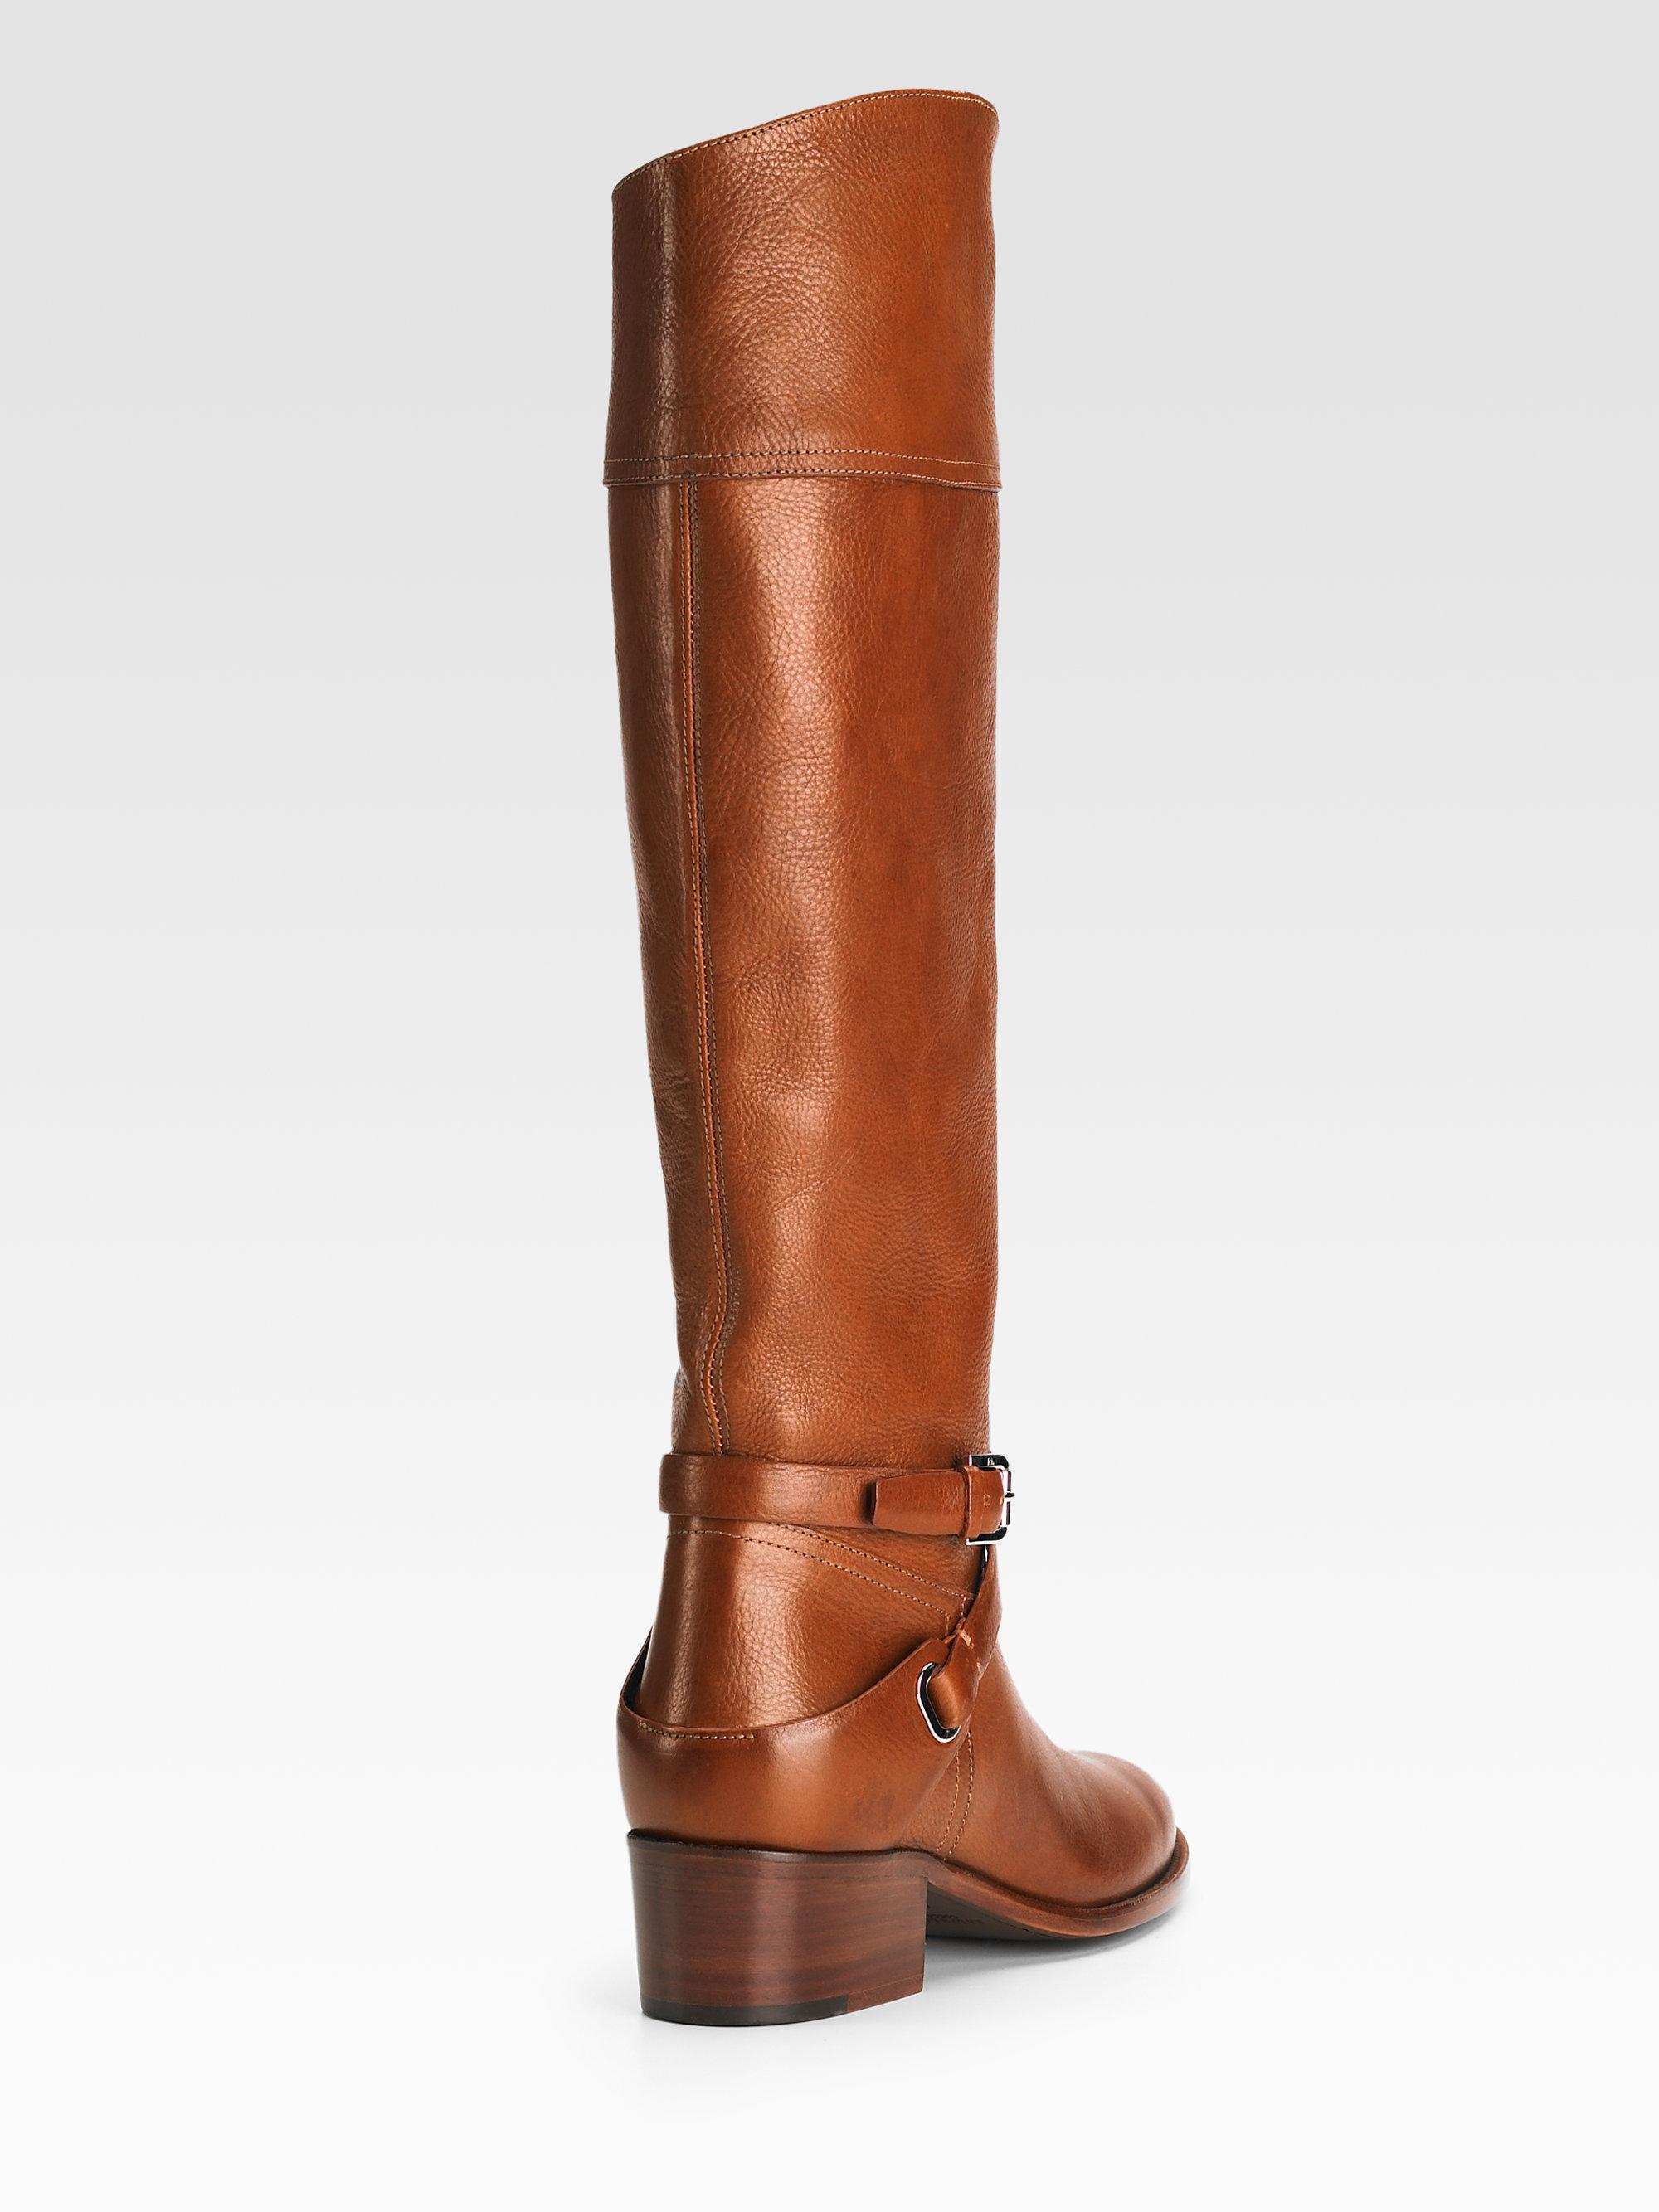 1056870a826a ralph lauren collection booties